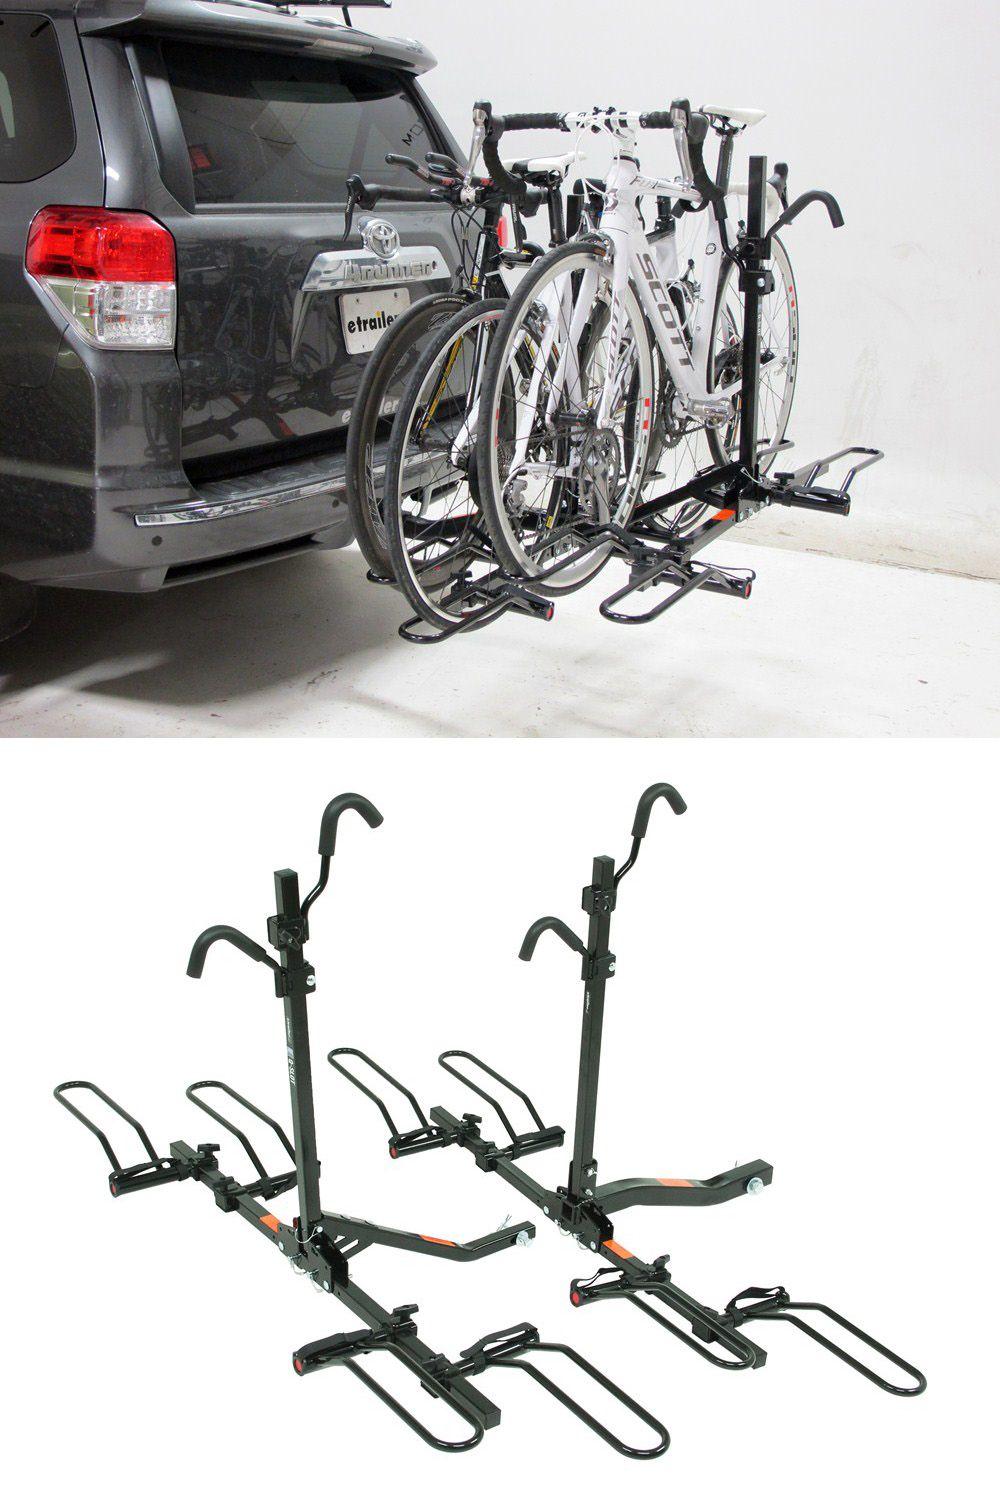 Reese Q Slot Platform Style 2 Bike And 4 Bike Rack For 2 Hitches Reese Hitch Bike Racks Ps63138 Rak Sepeda Sepeda Mobil